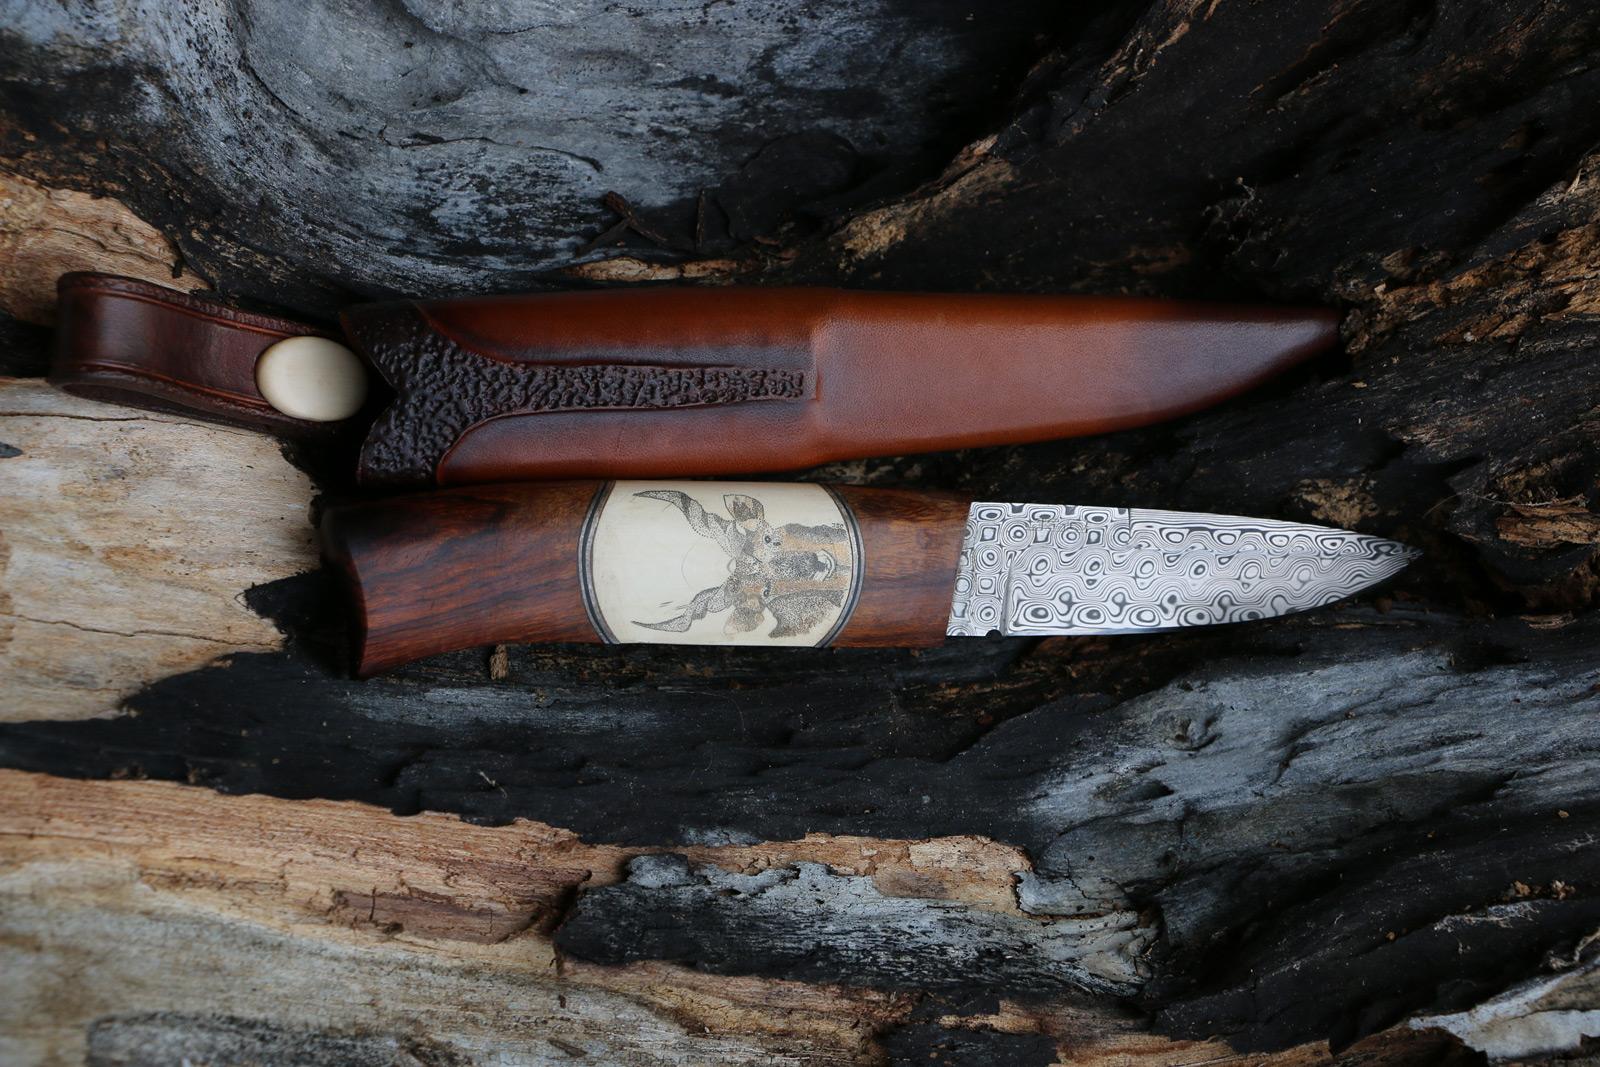 JSC Knife #372(b) - The Savannah Gazelles